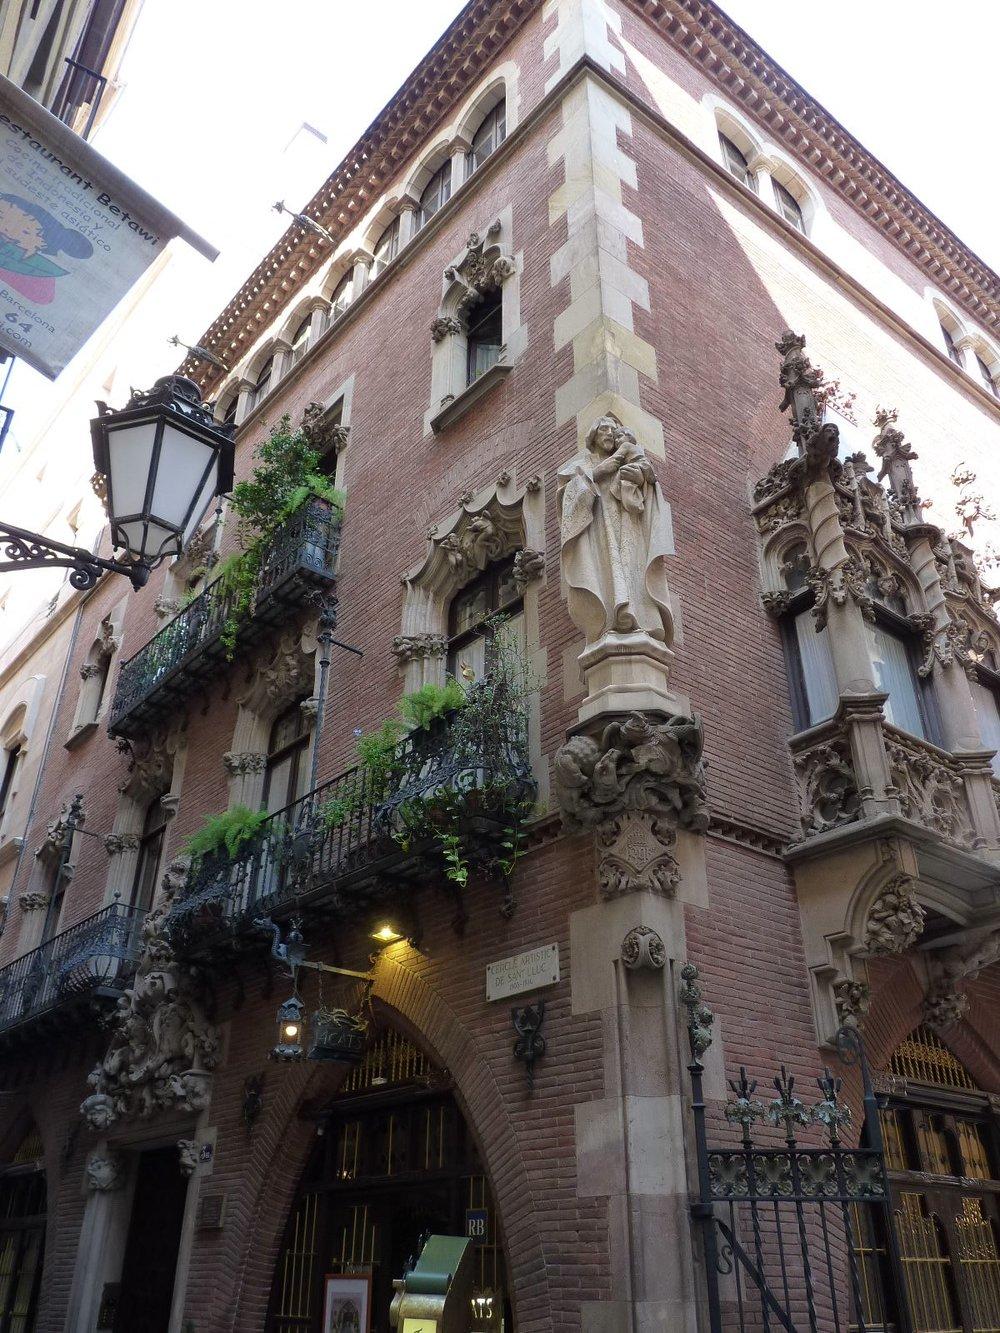 More-Barcelona-Architecture.jpg